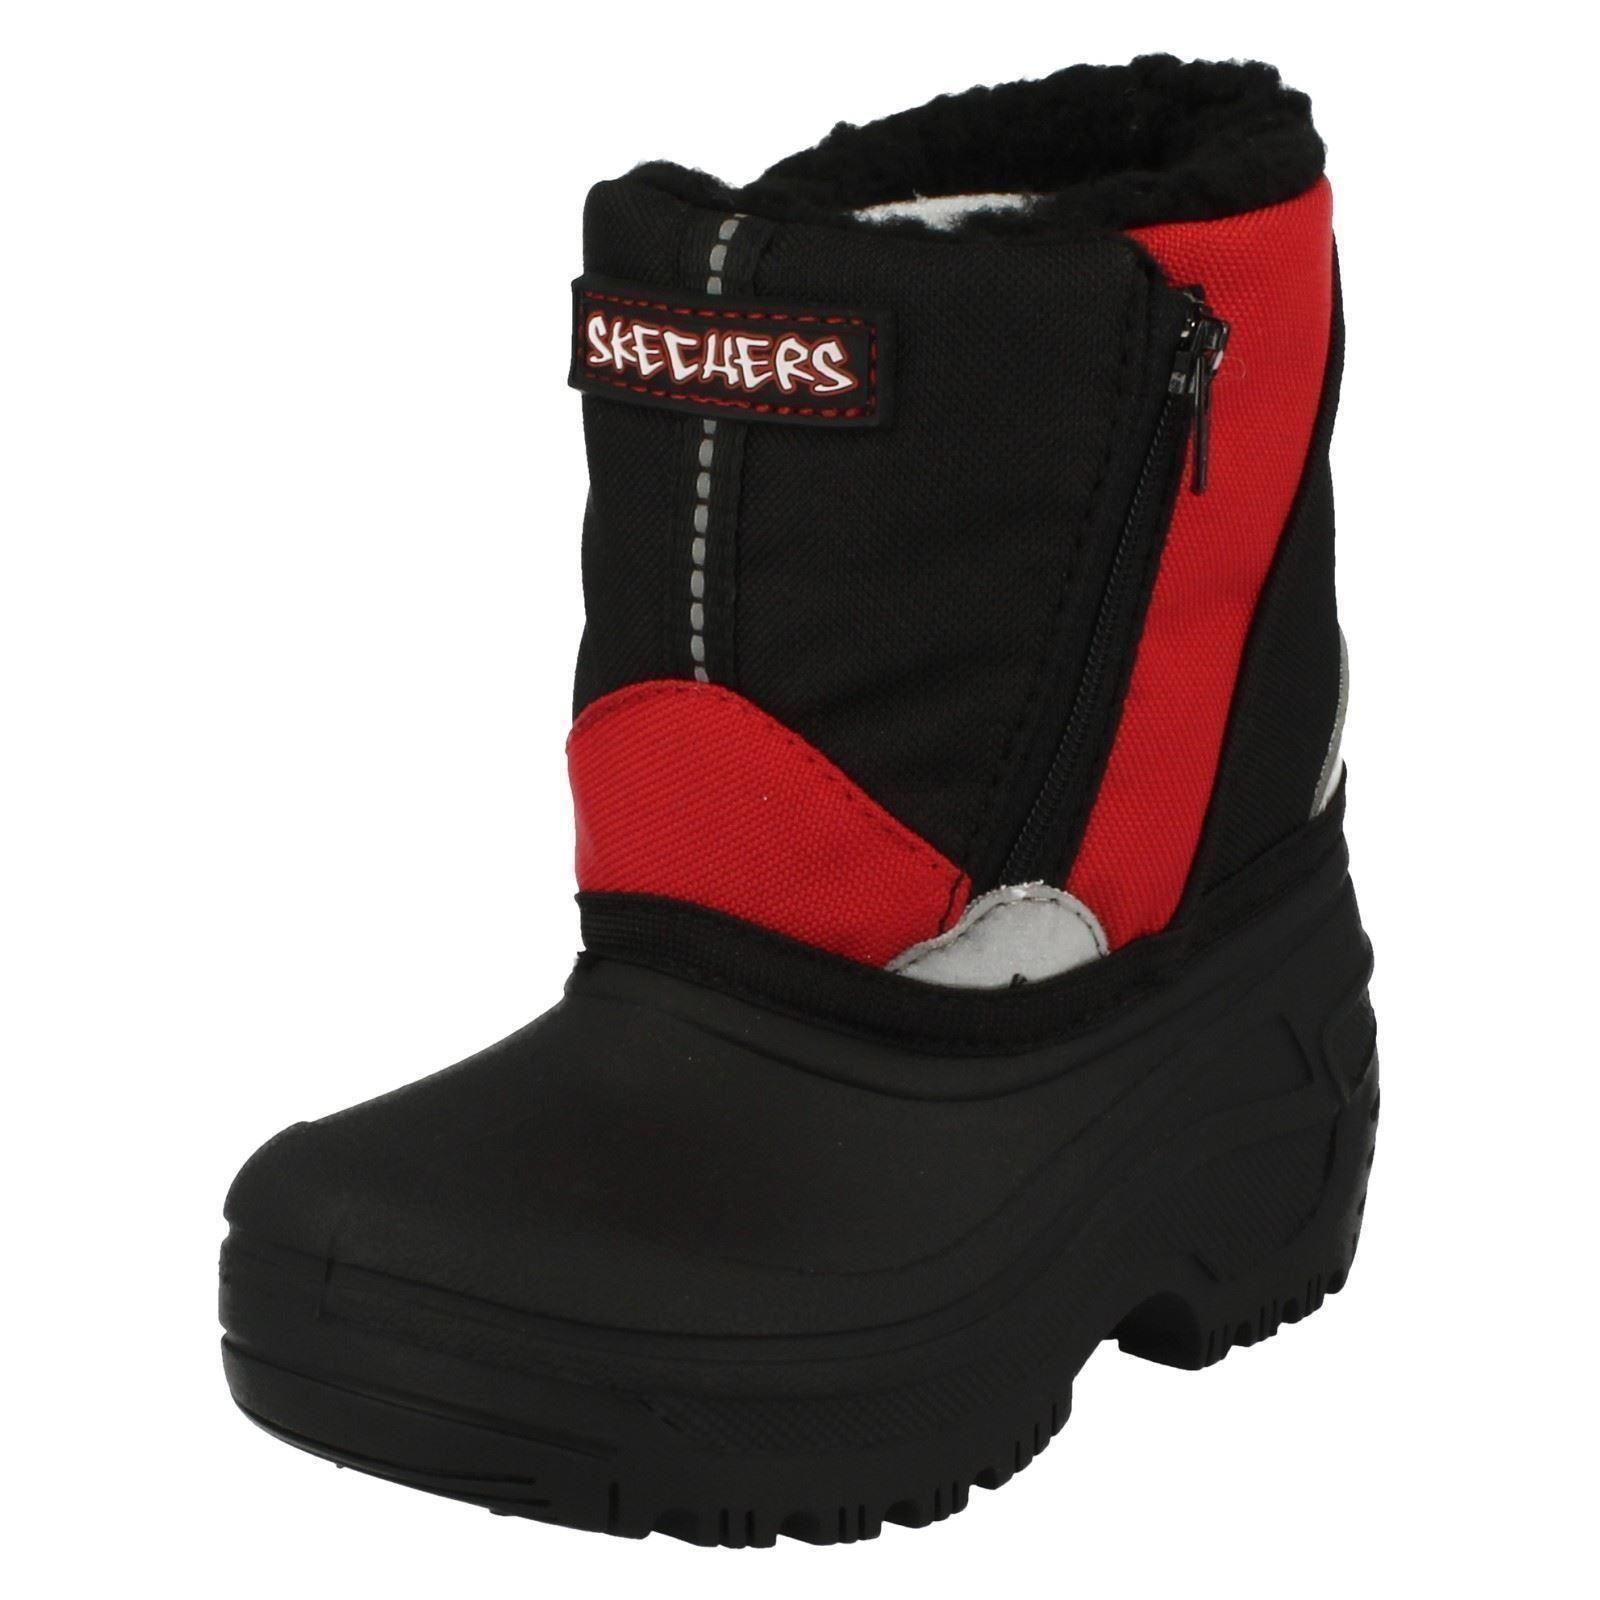 Boys Skechers Mor-Tex Water Resistant